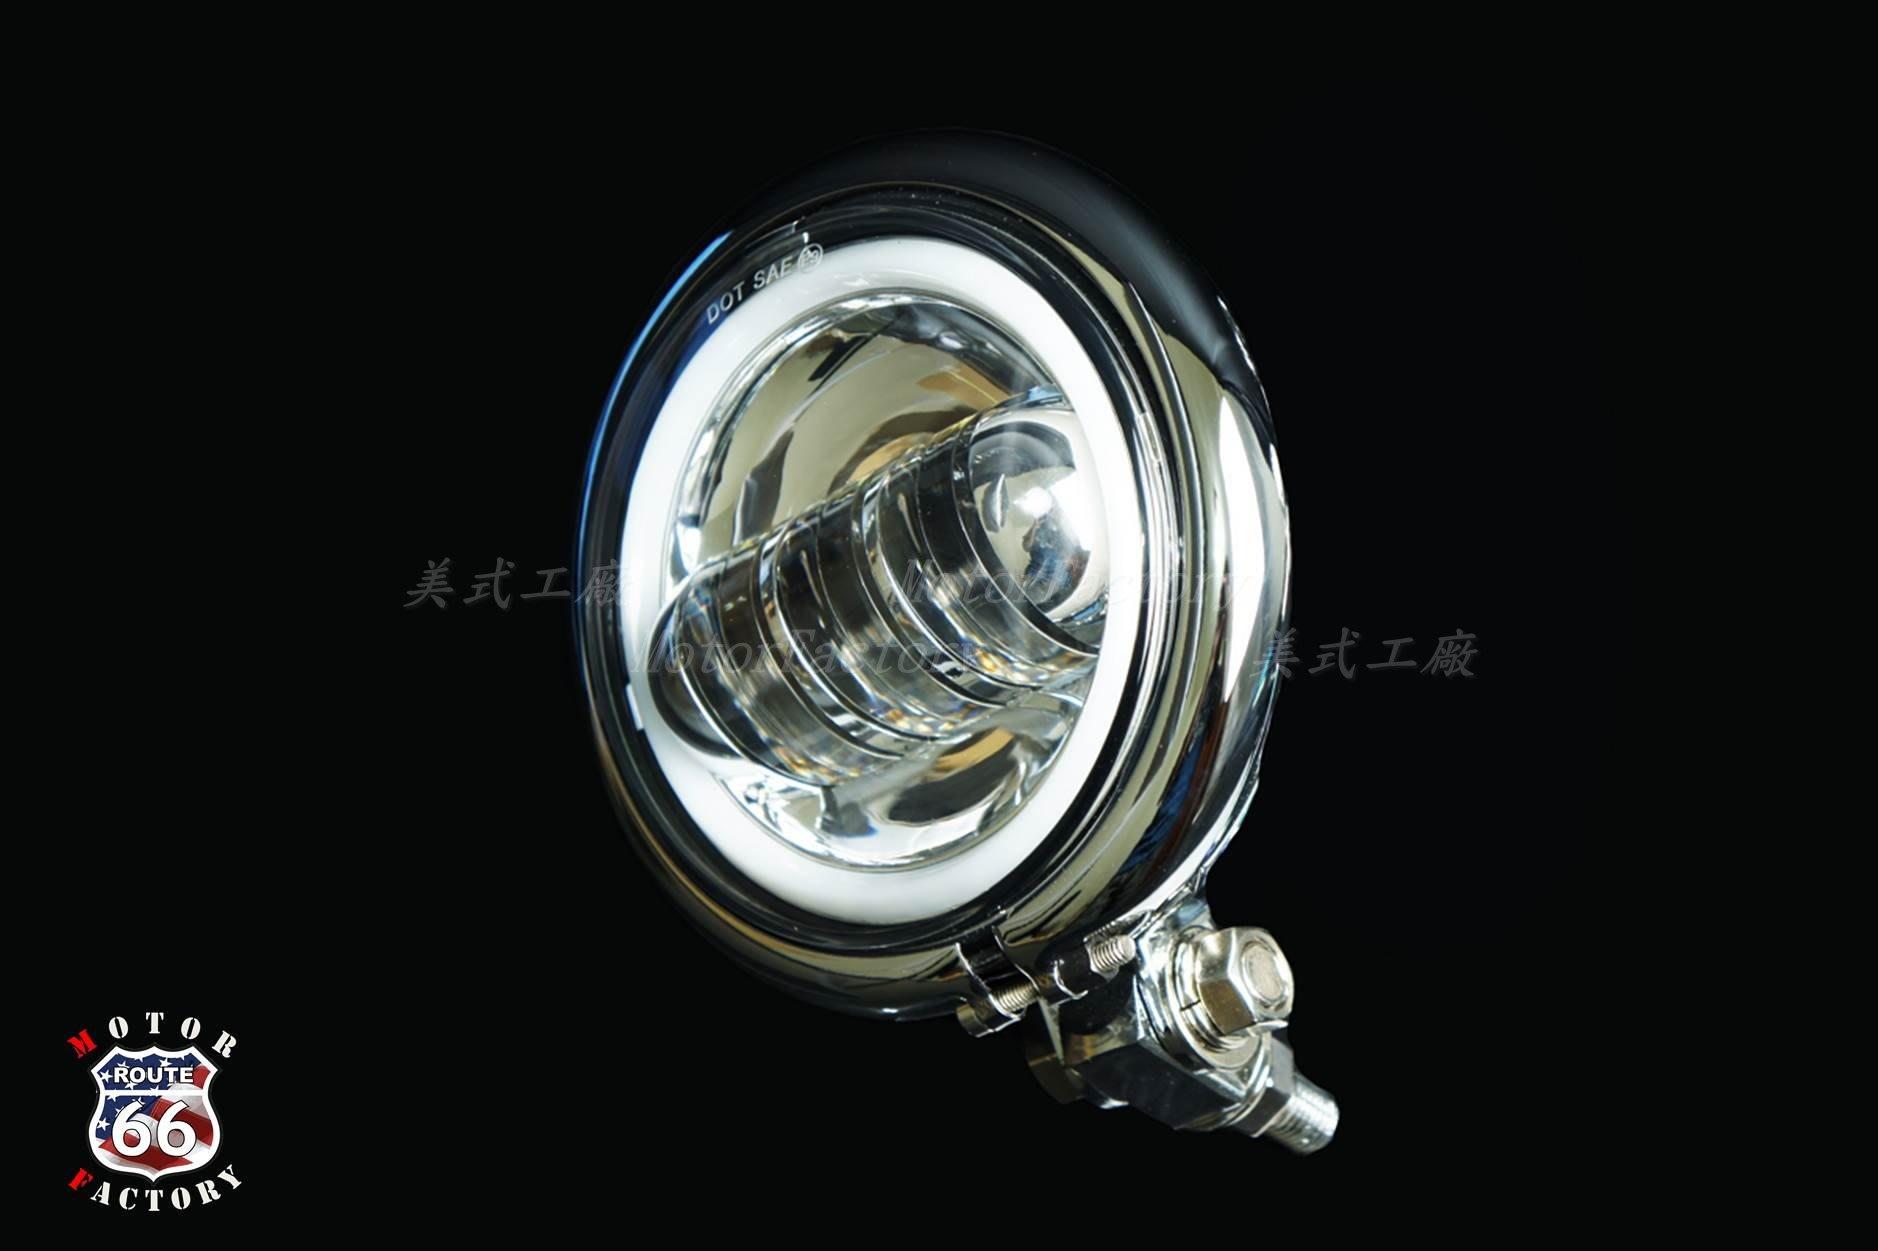 《美式工廠》4.5吋 LED大燈組 日行燈 電鍍款 雲豹 TU 野狼 KTR 雄獅 SR400 FZ2 愛將 W800